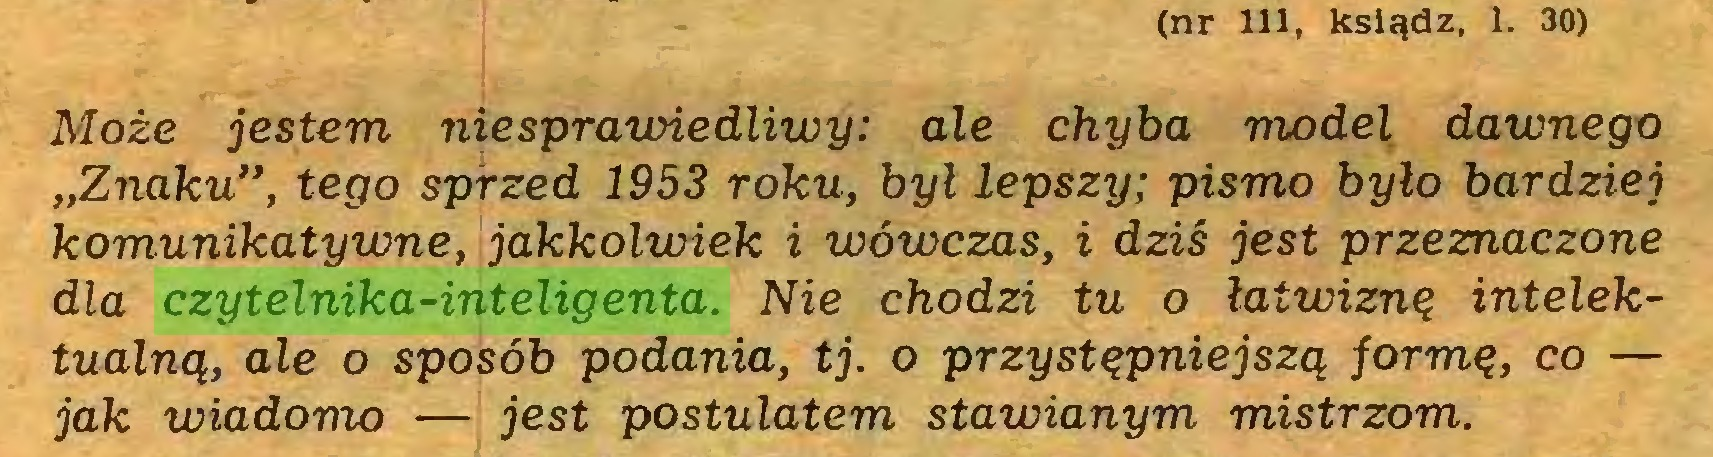 """(...) (nr 111, ksiądz, 1. 30) Może jestem niesprauńedliwy: ale chyba model dawnego """"Znaku"""", tego sprzed 1953 roku, był lepszy; pismo było bardziej komunikatywne, jakkolwiek i wówczas, i dziś jest przeznaczone dla czytelnika-inteligenta. Nie chodzi tu o łatwiznę intelektualną, ale o sposób podania, tj. o przystępniejszą formę, co — jak wiadomo — jest postulatem stawianym mistrzom..."""